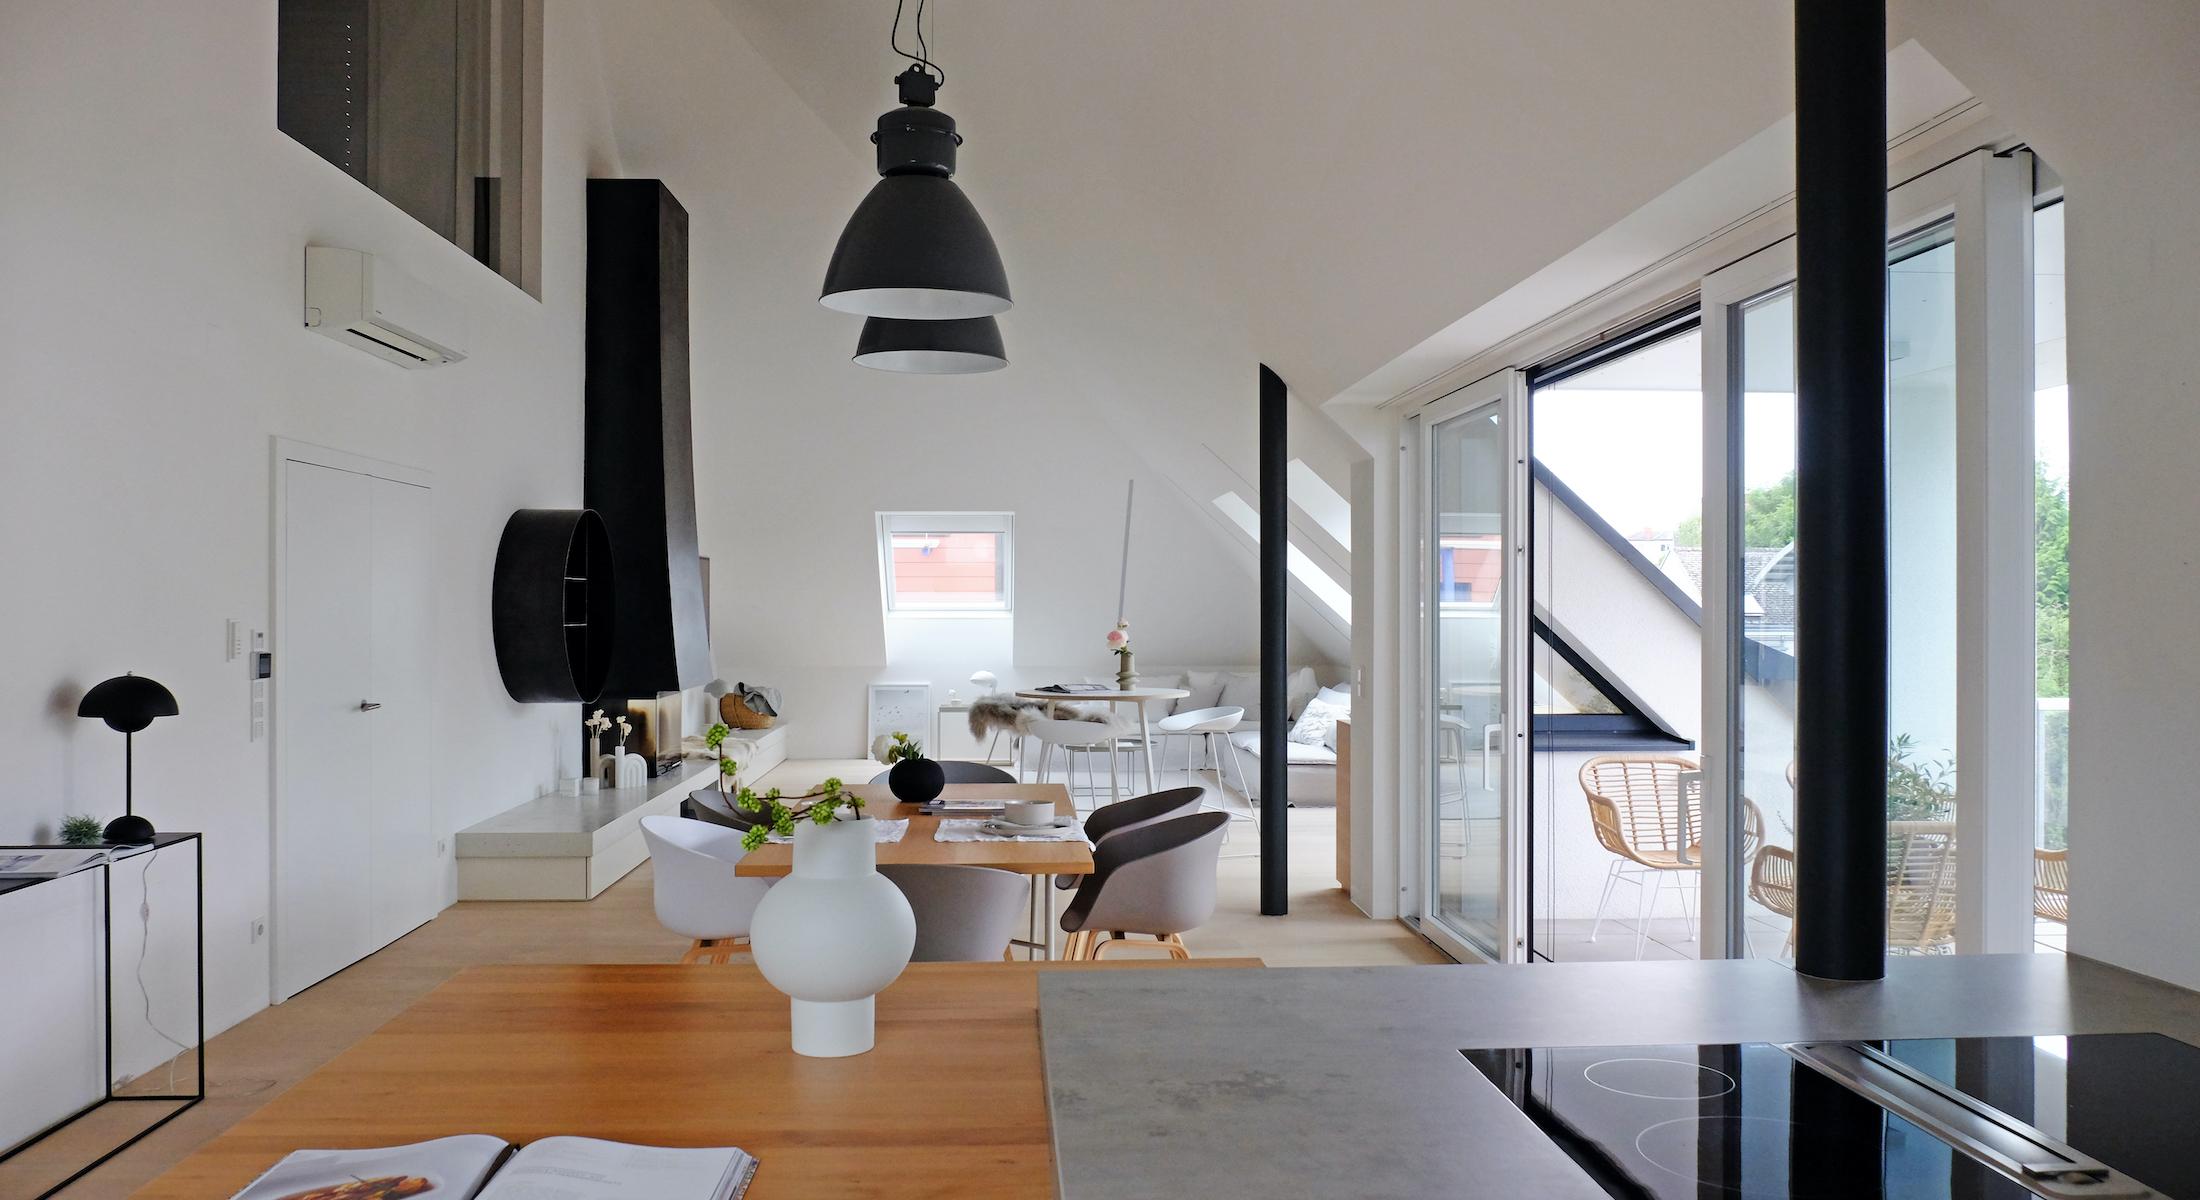 Bild ohne Text: Home Staging eines großen Apartments in Linz